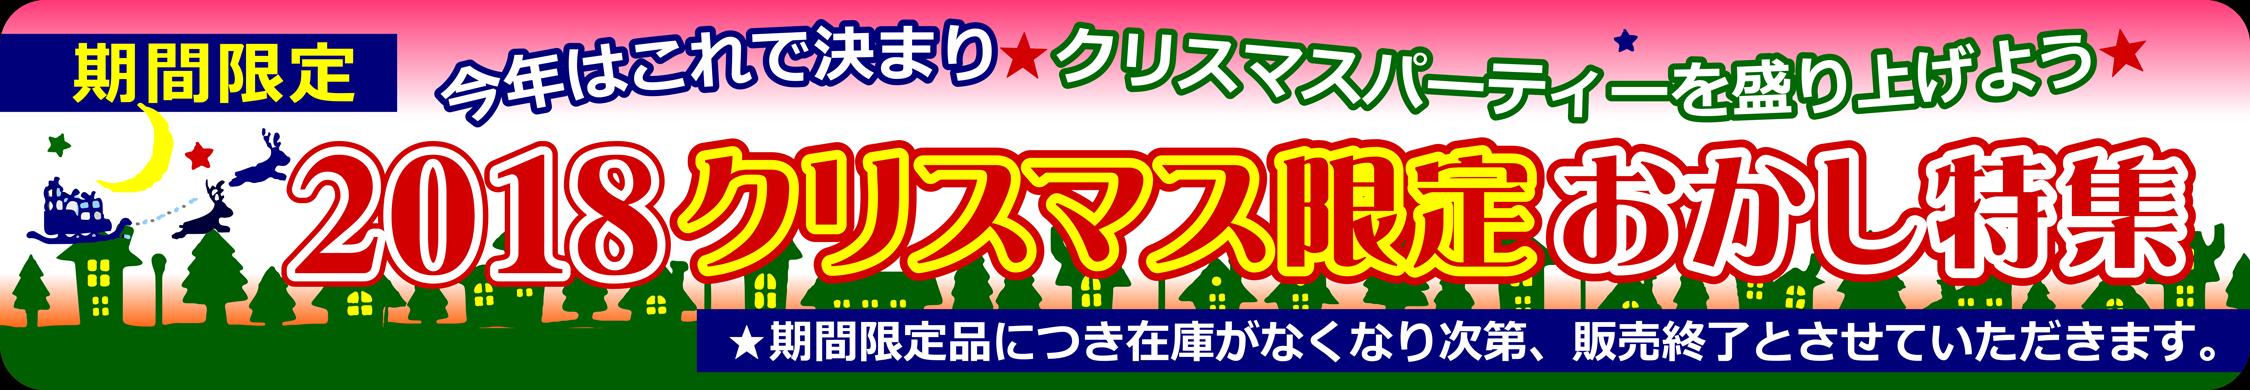 今年のクリスマスパーティーを盛り上げよぅ~2018クリスマス限定お菓子コーナ☆彡